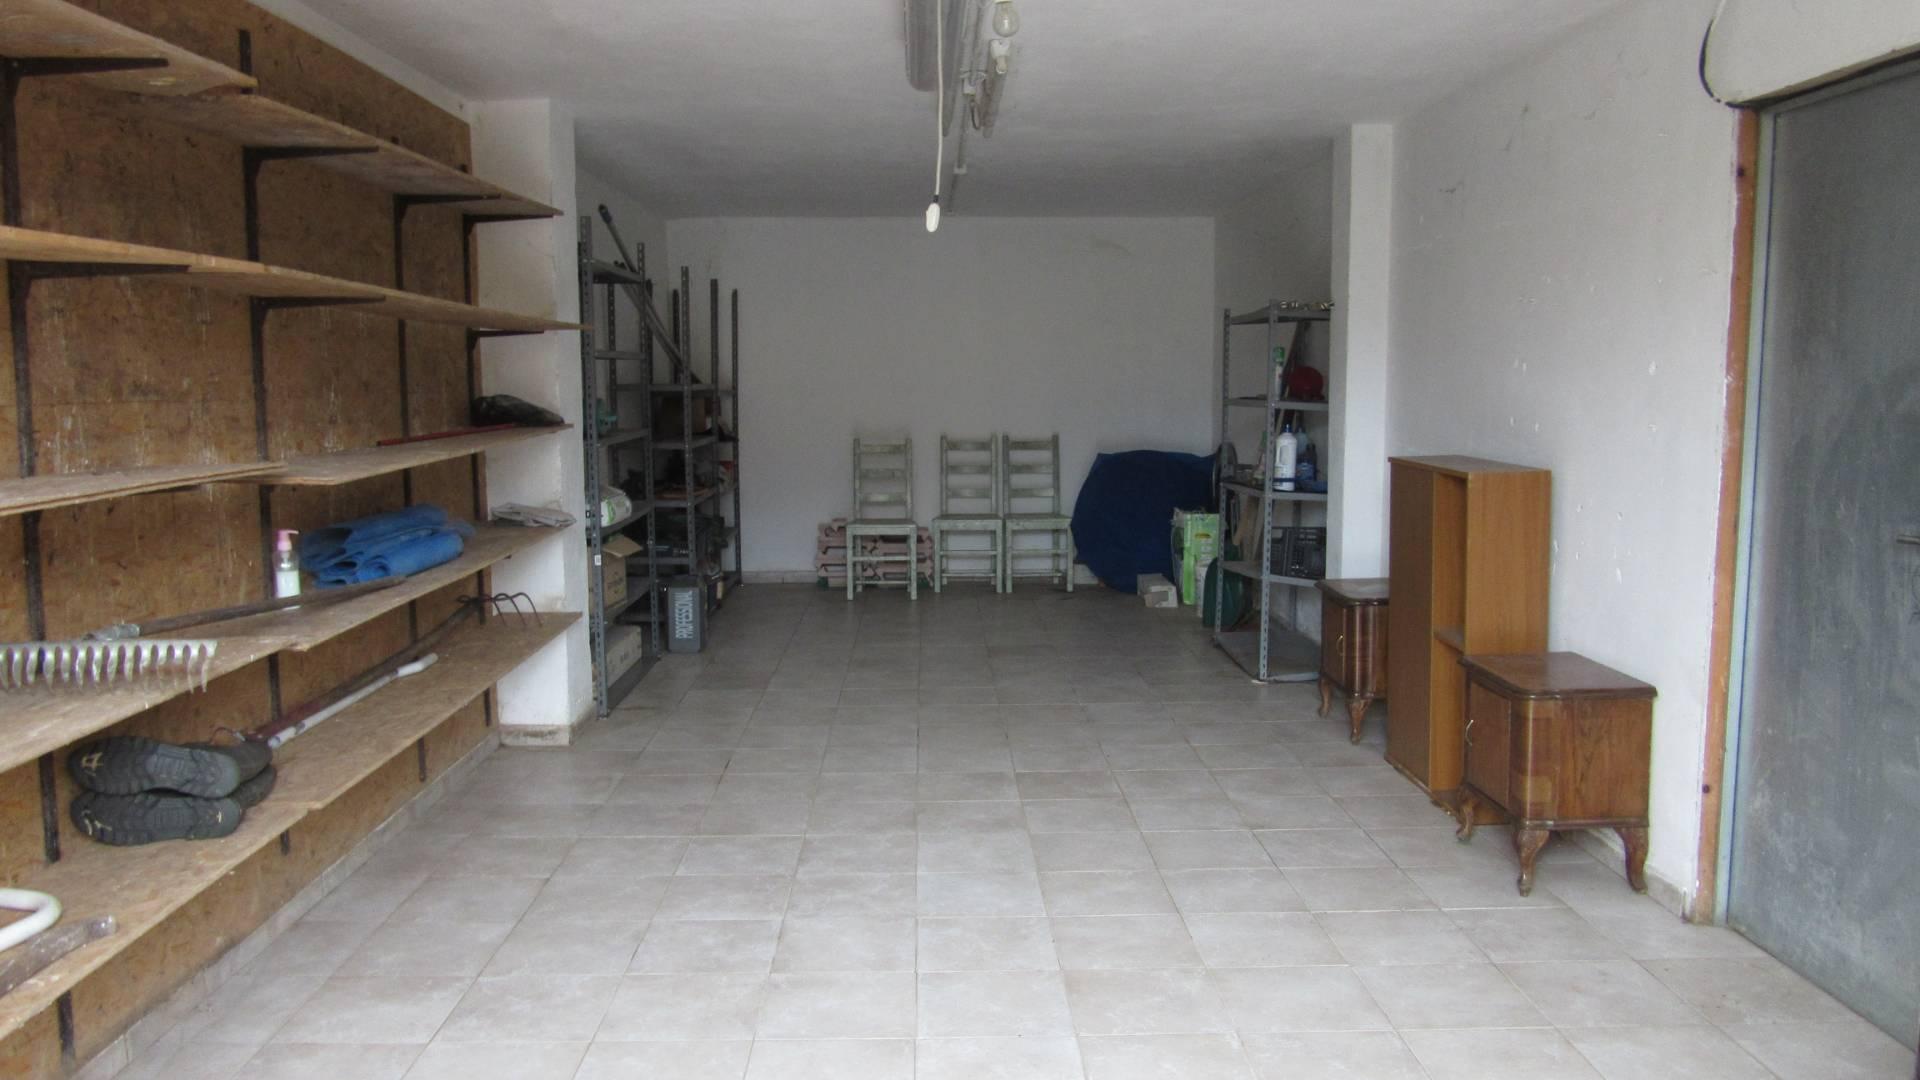 Box / Garage in vendita a Villa Carcina, 1 locali, zona Zona: Carcina, prezzo € 29.000 | CambioCasa.it